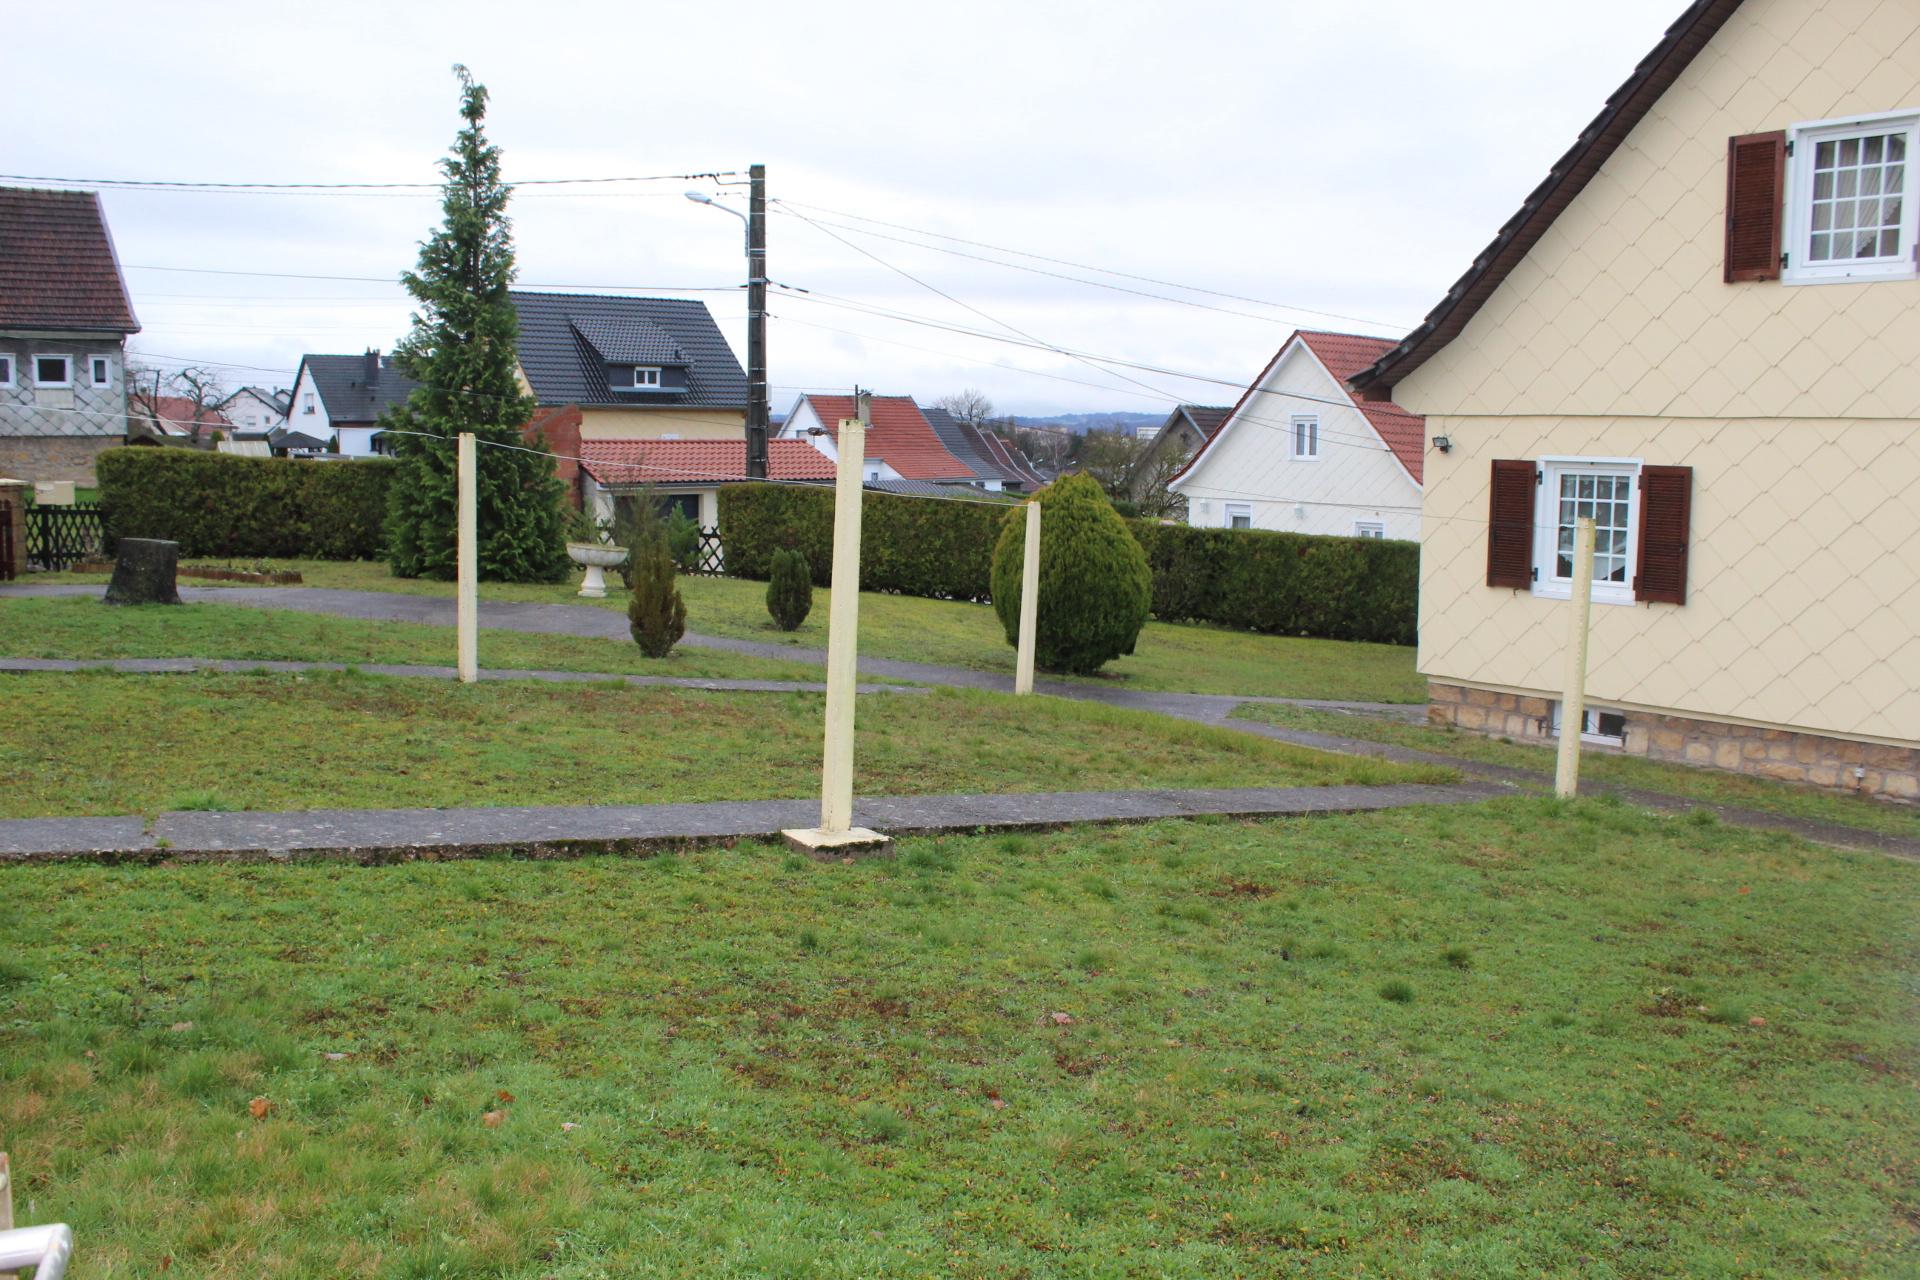 Vente maison individuelle creutzwald for Garage a creutzwald